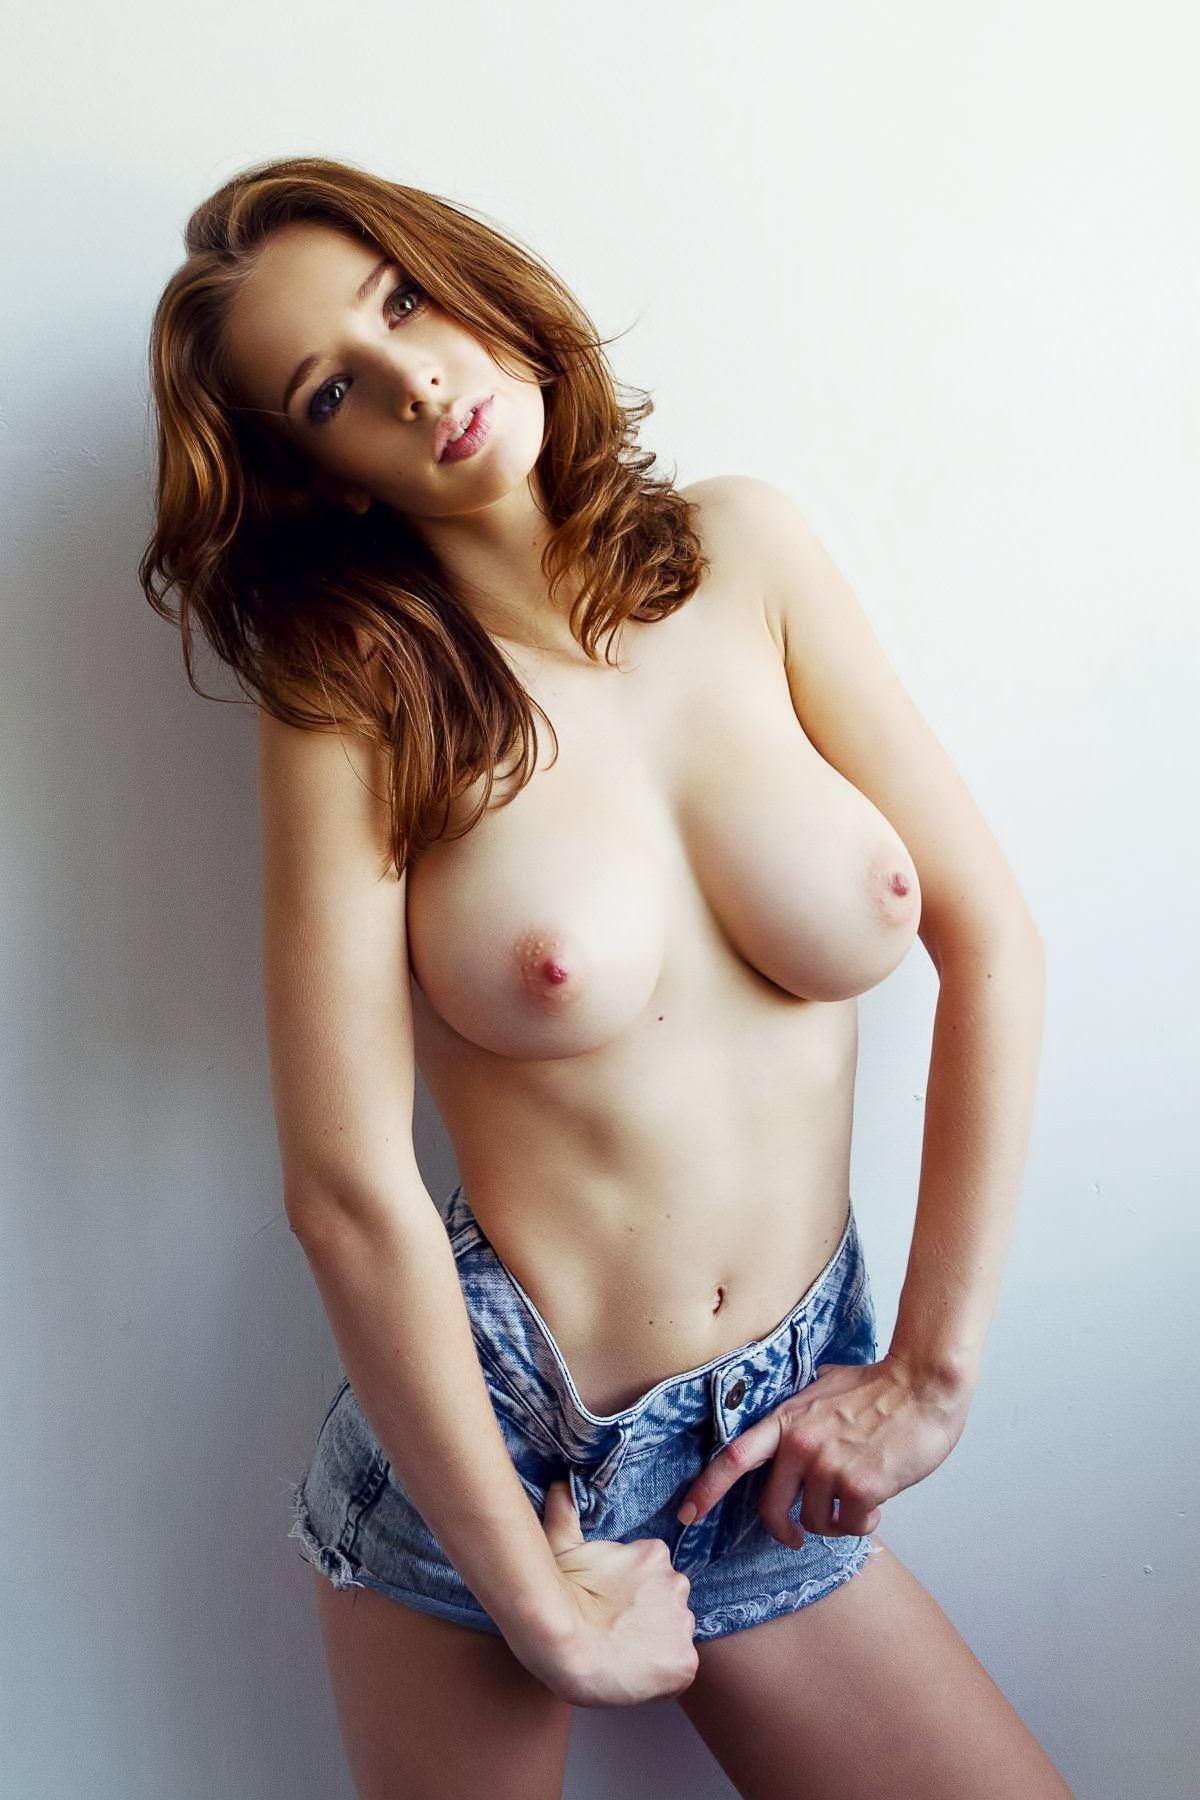 【外人】激カワすぎるイギリス人モデルエミリー・ショウ(Emily Shaw)の超ド級美巨乳おっぱいポルノ画像 977